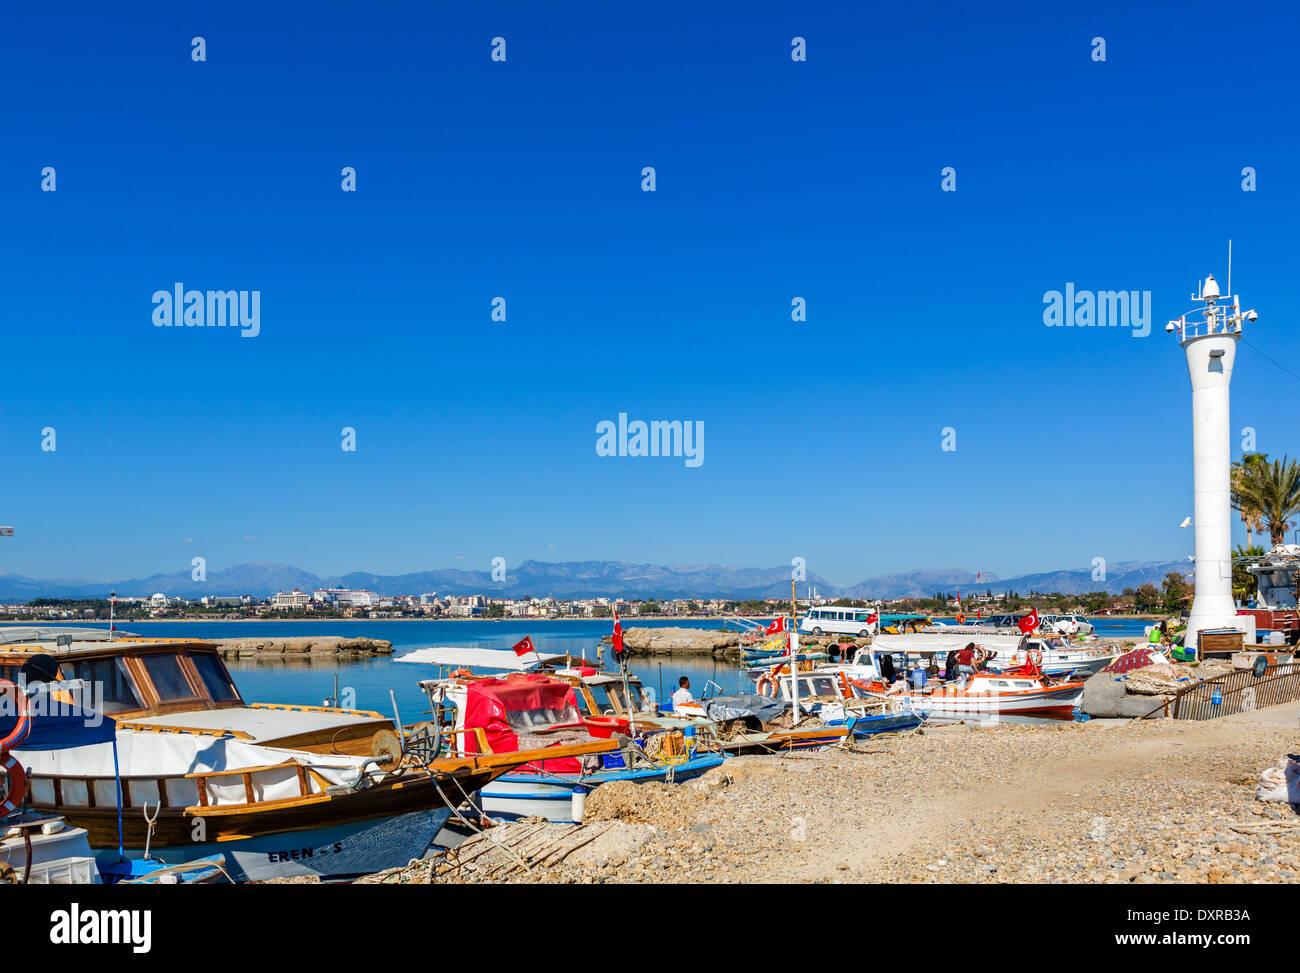 Bateaux de pêche dans le vieux port de la ville à la recherche vers les plages et zone de l'hôtel à l'ouest de la ville, Côté, Antalya Province, Turkey Banque D'Images